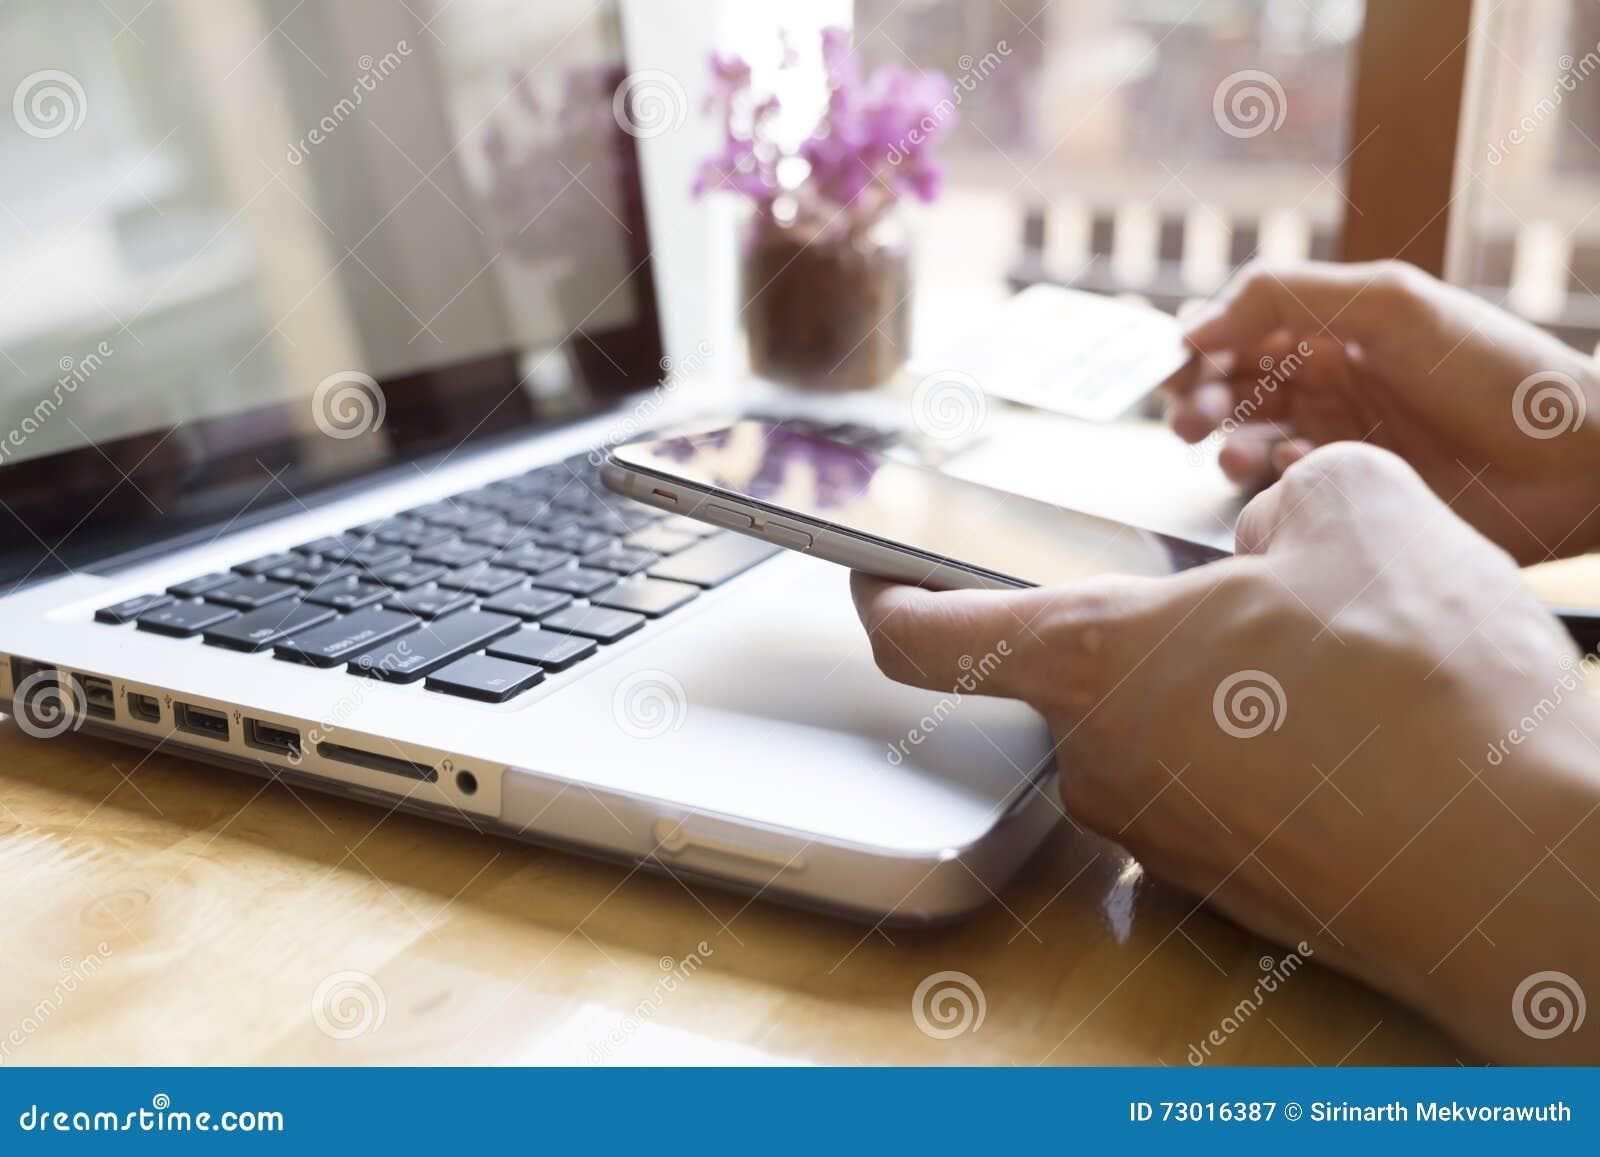 Kvinna som använder bärbara datorn och mobiltelefonen till online-shopping och lön vid kreditkorten